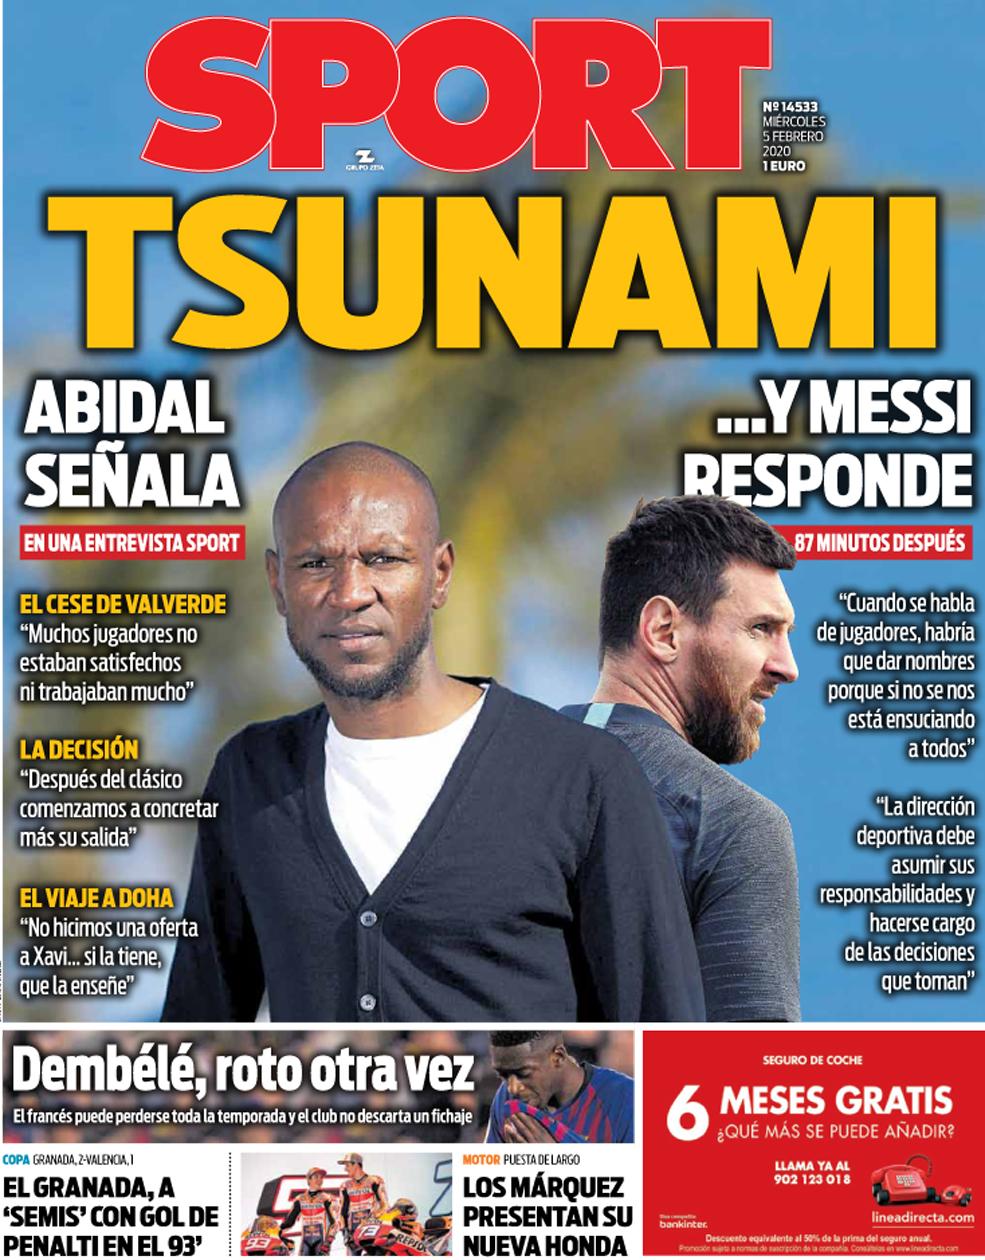 Криза в Барселоні. Мессі розкритикував спортивного директора Еріка Абідаля - фото 2